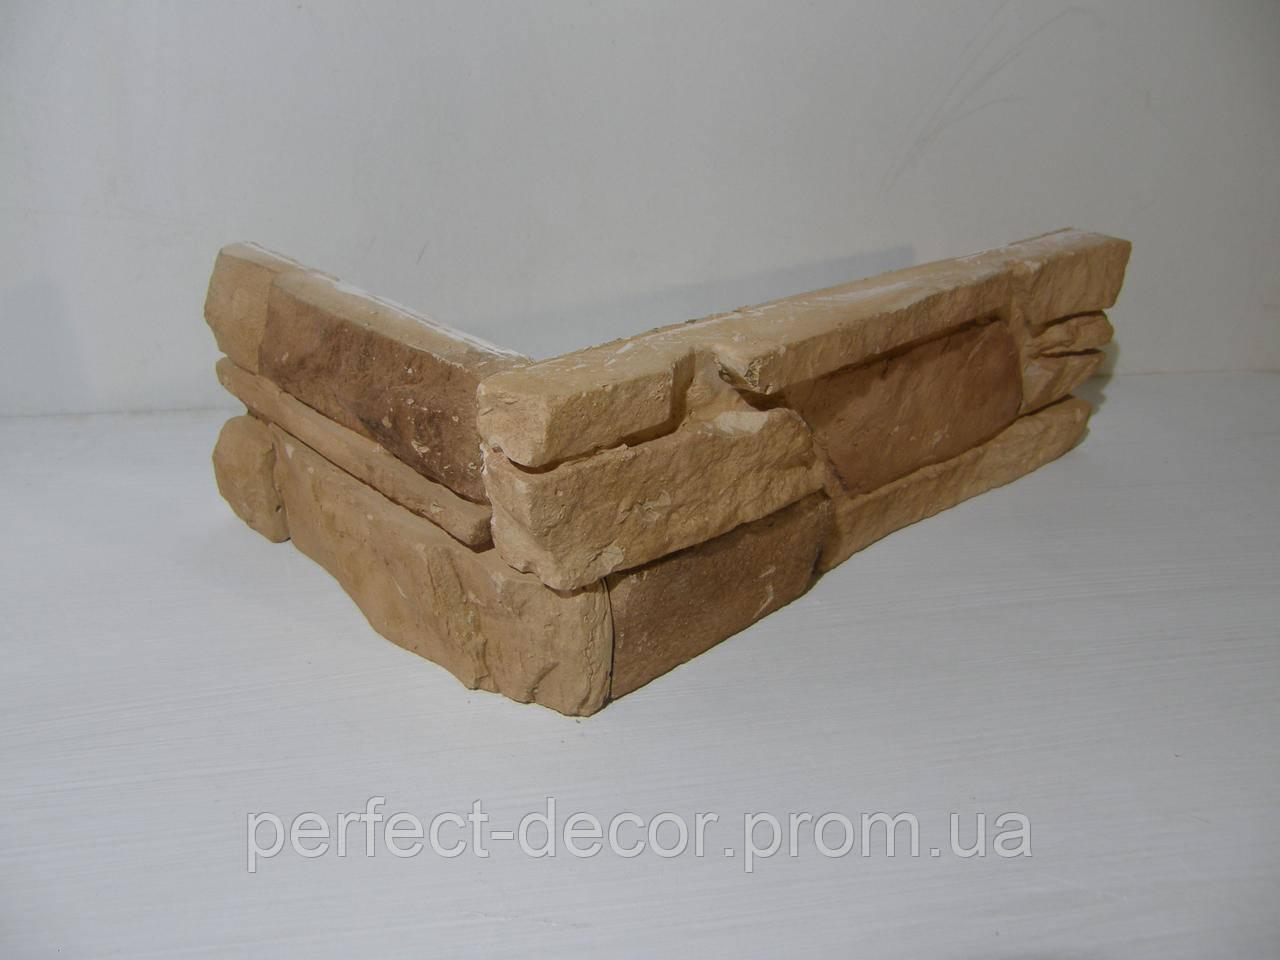 Камень декоративный Сланец (коричневый) угловой - ПП Загария в Черновицкой области